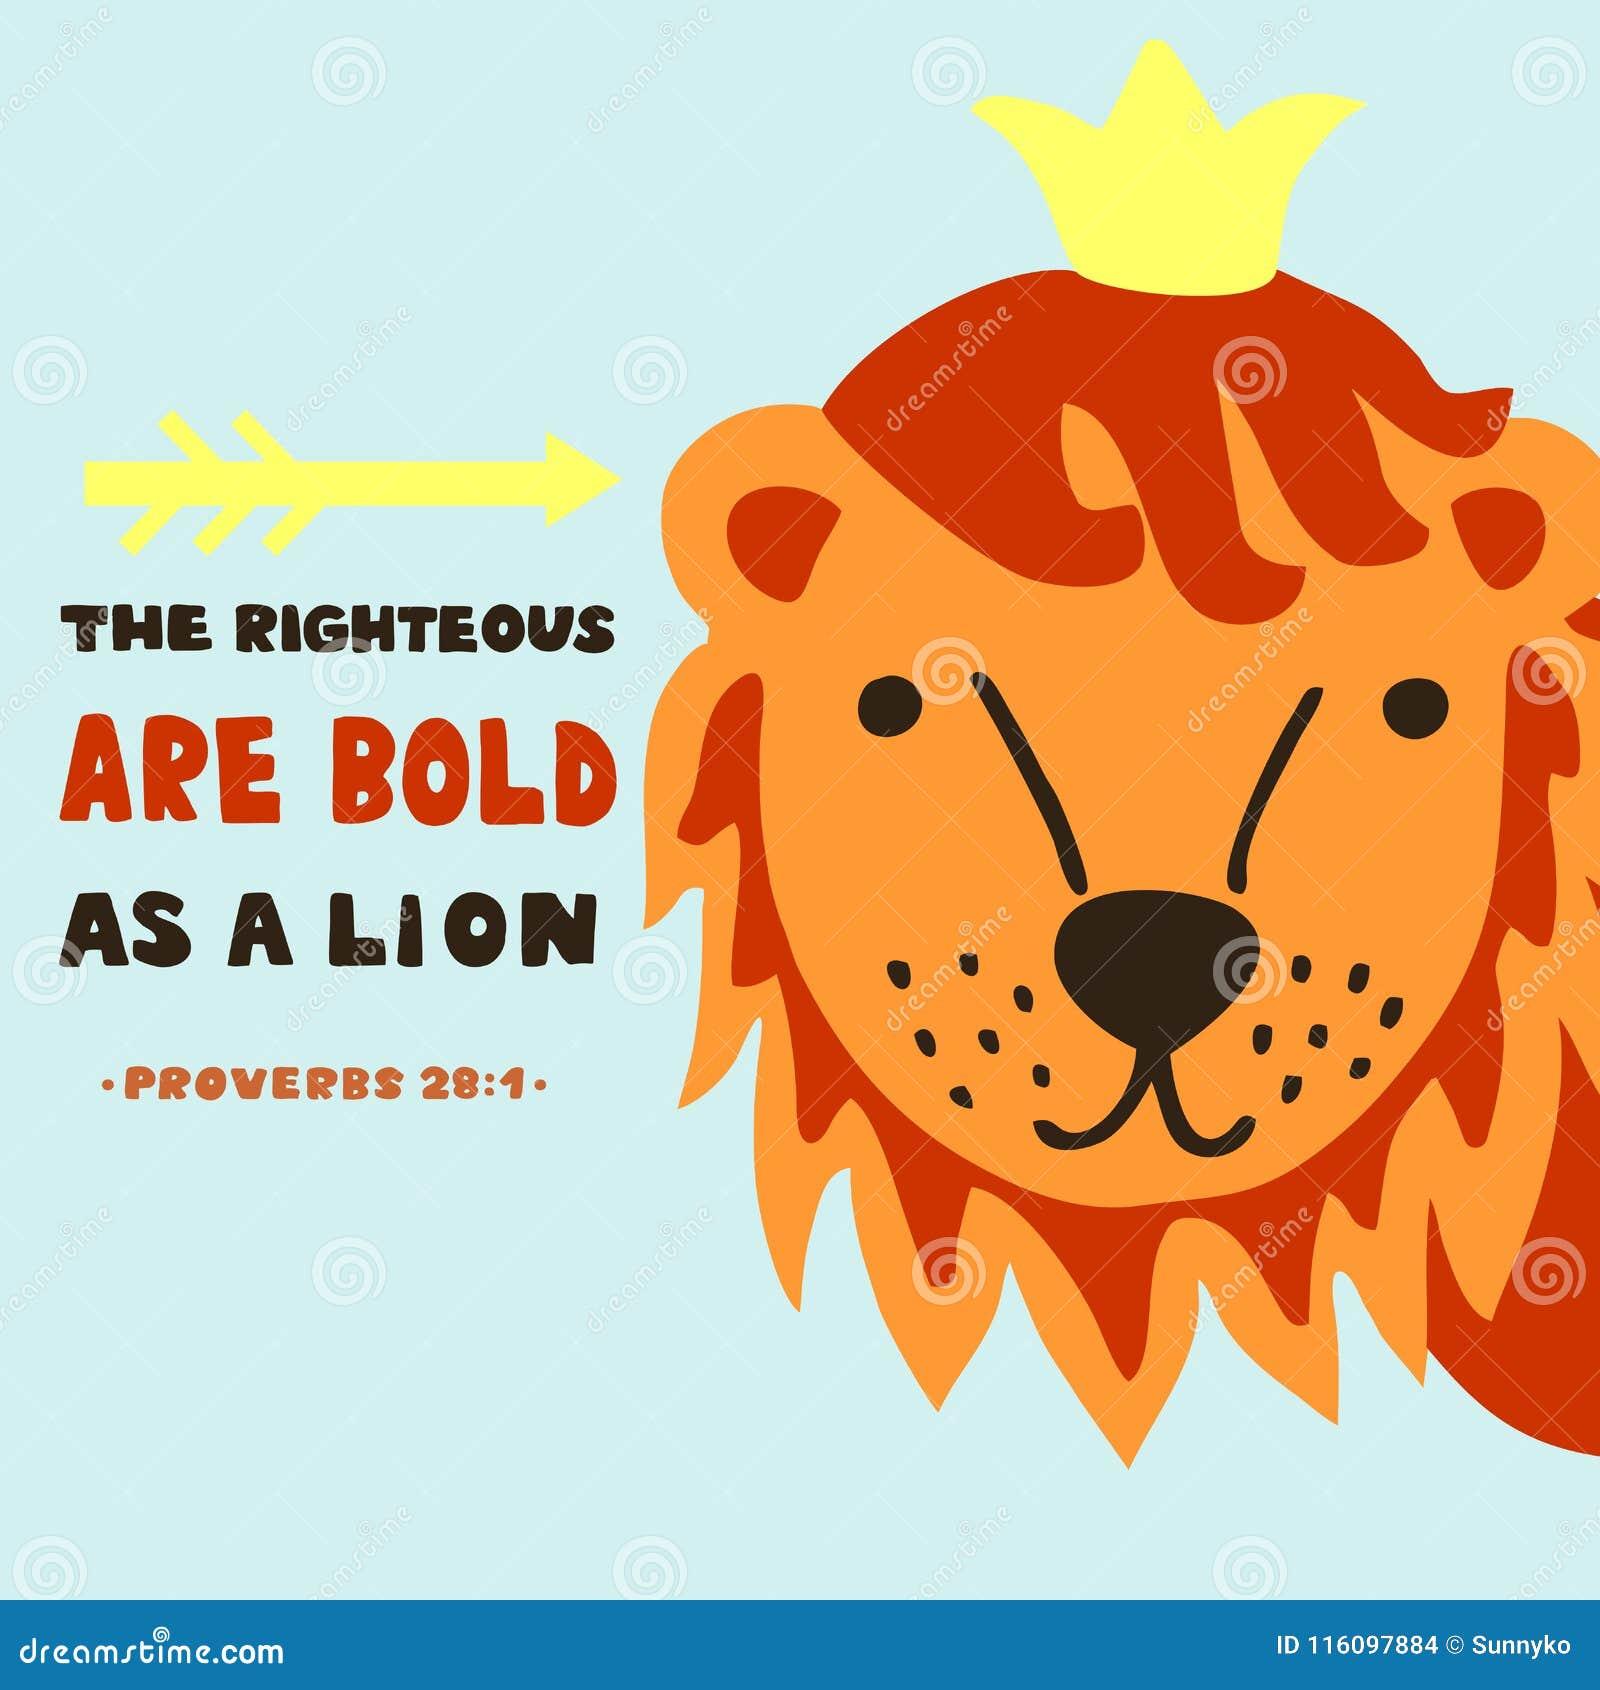 Las letras de la mano con verso de la biblia el honrado son intrépidas como león proverbios